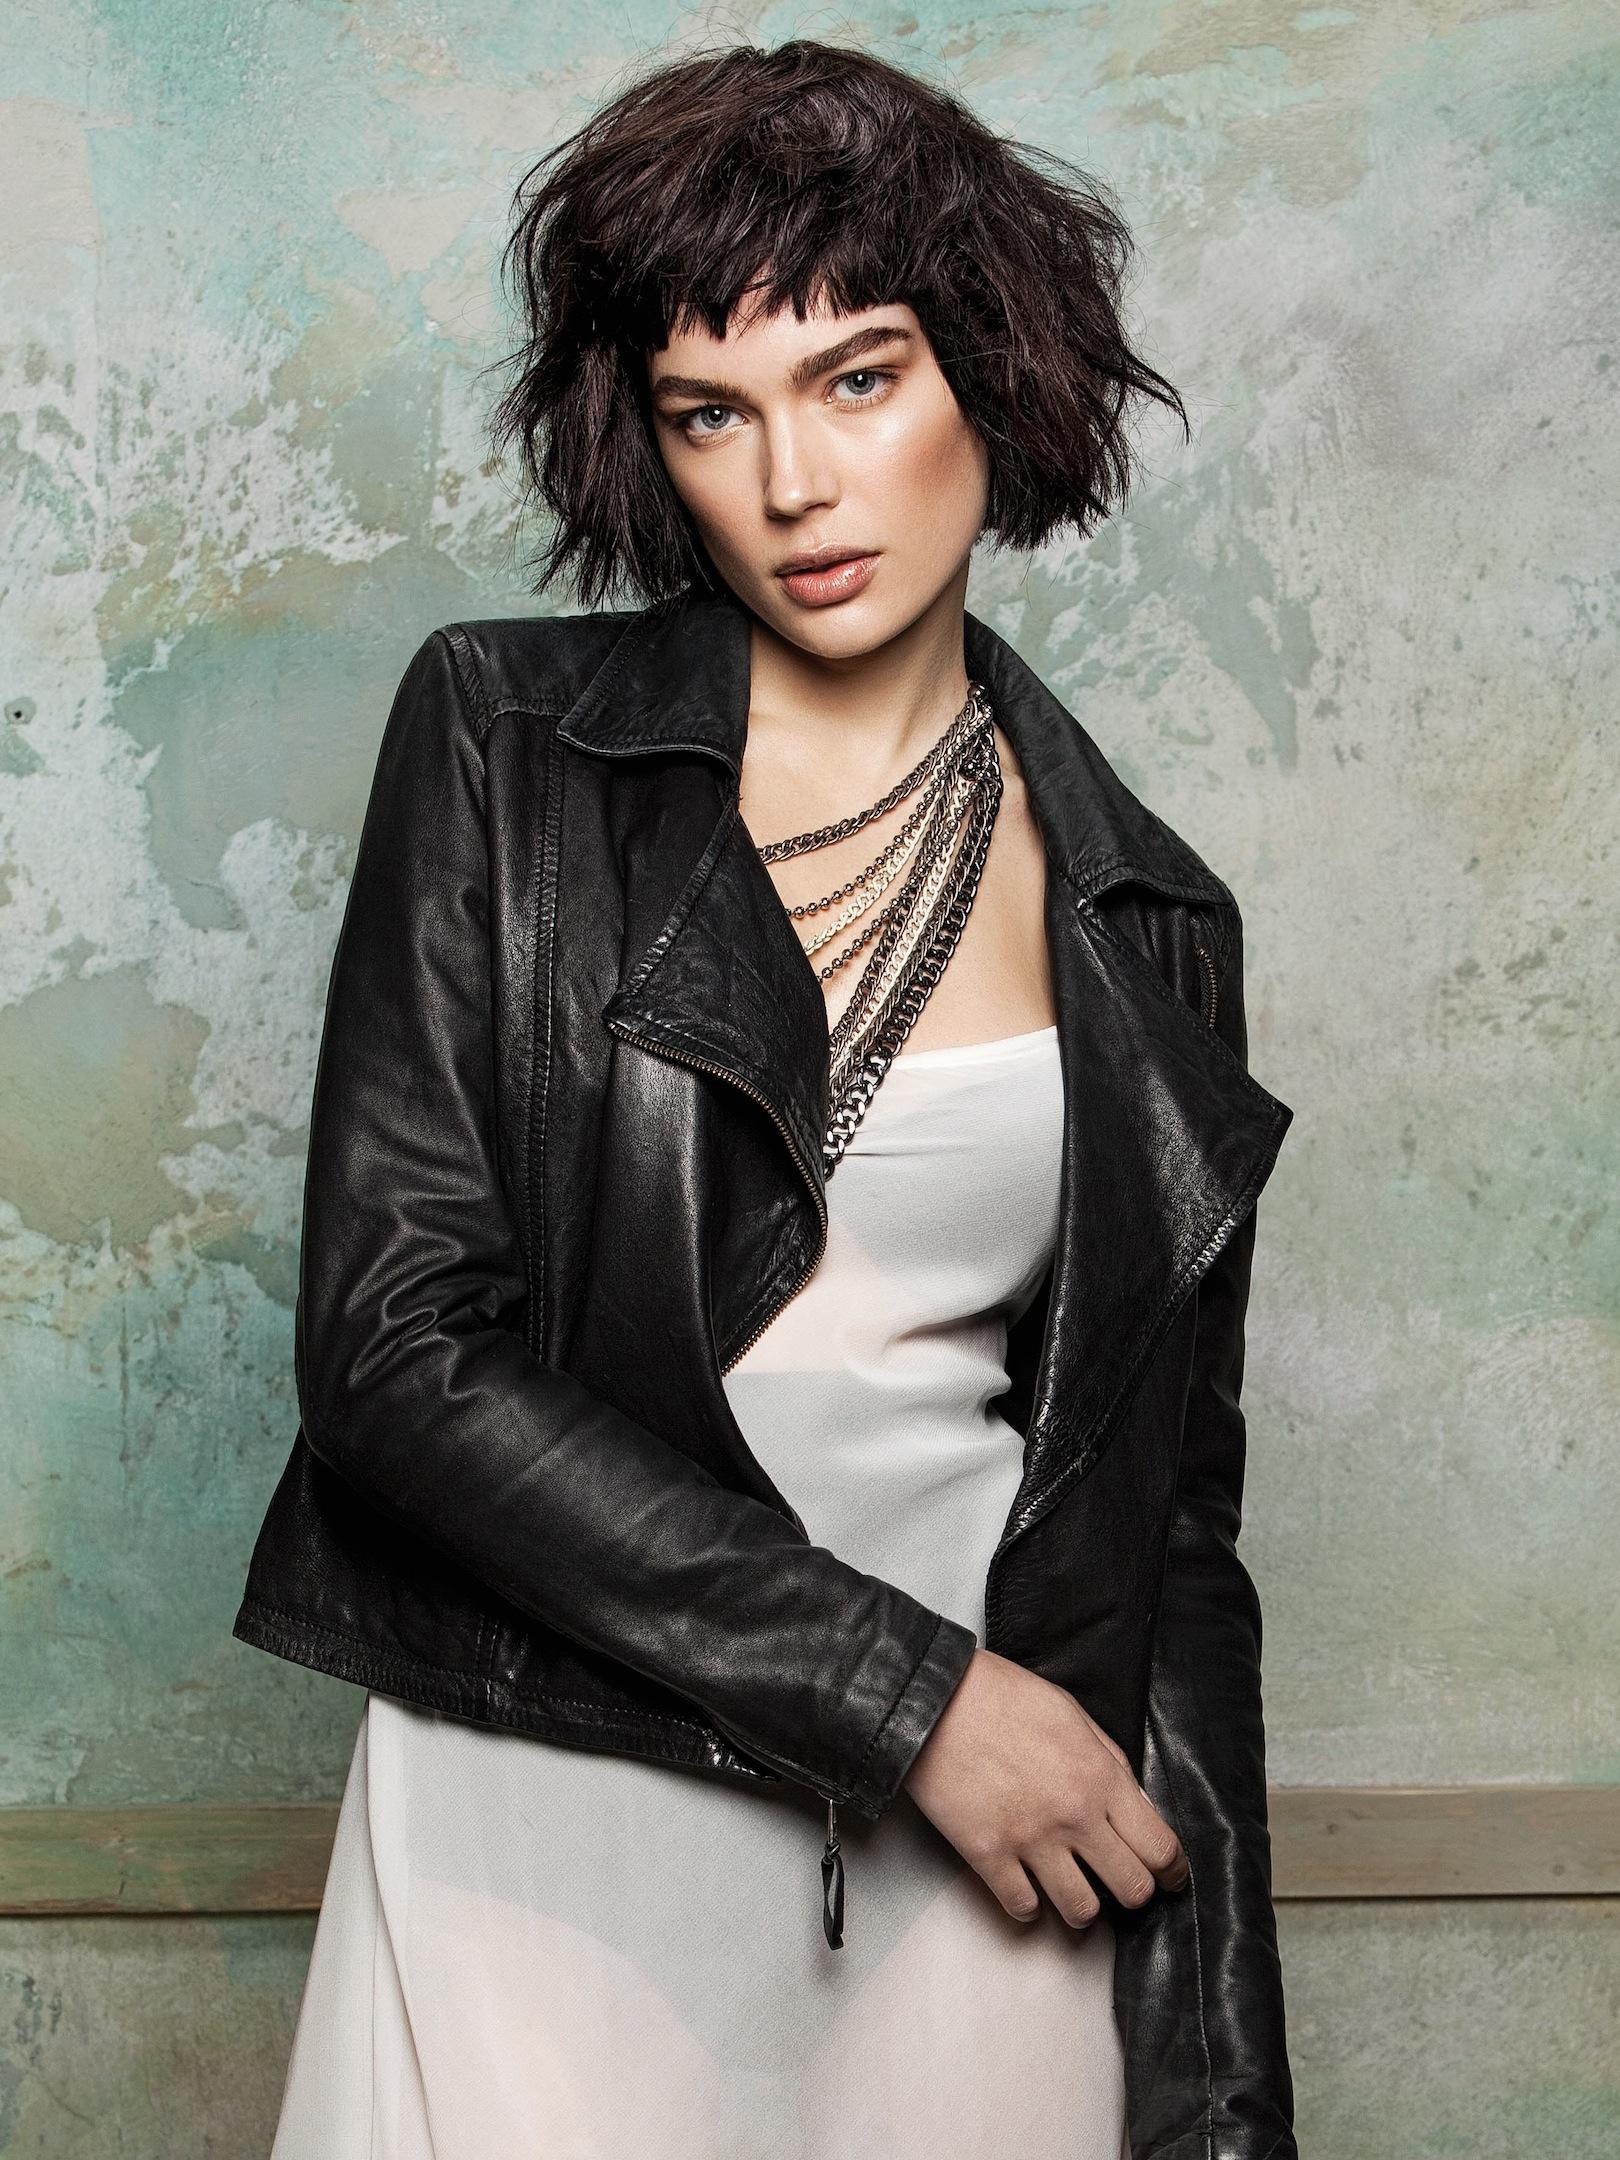 Tagli capelli corti: i trend degli hairstylist per la ...